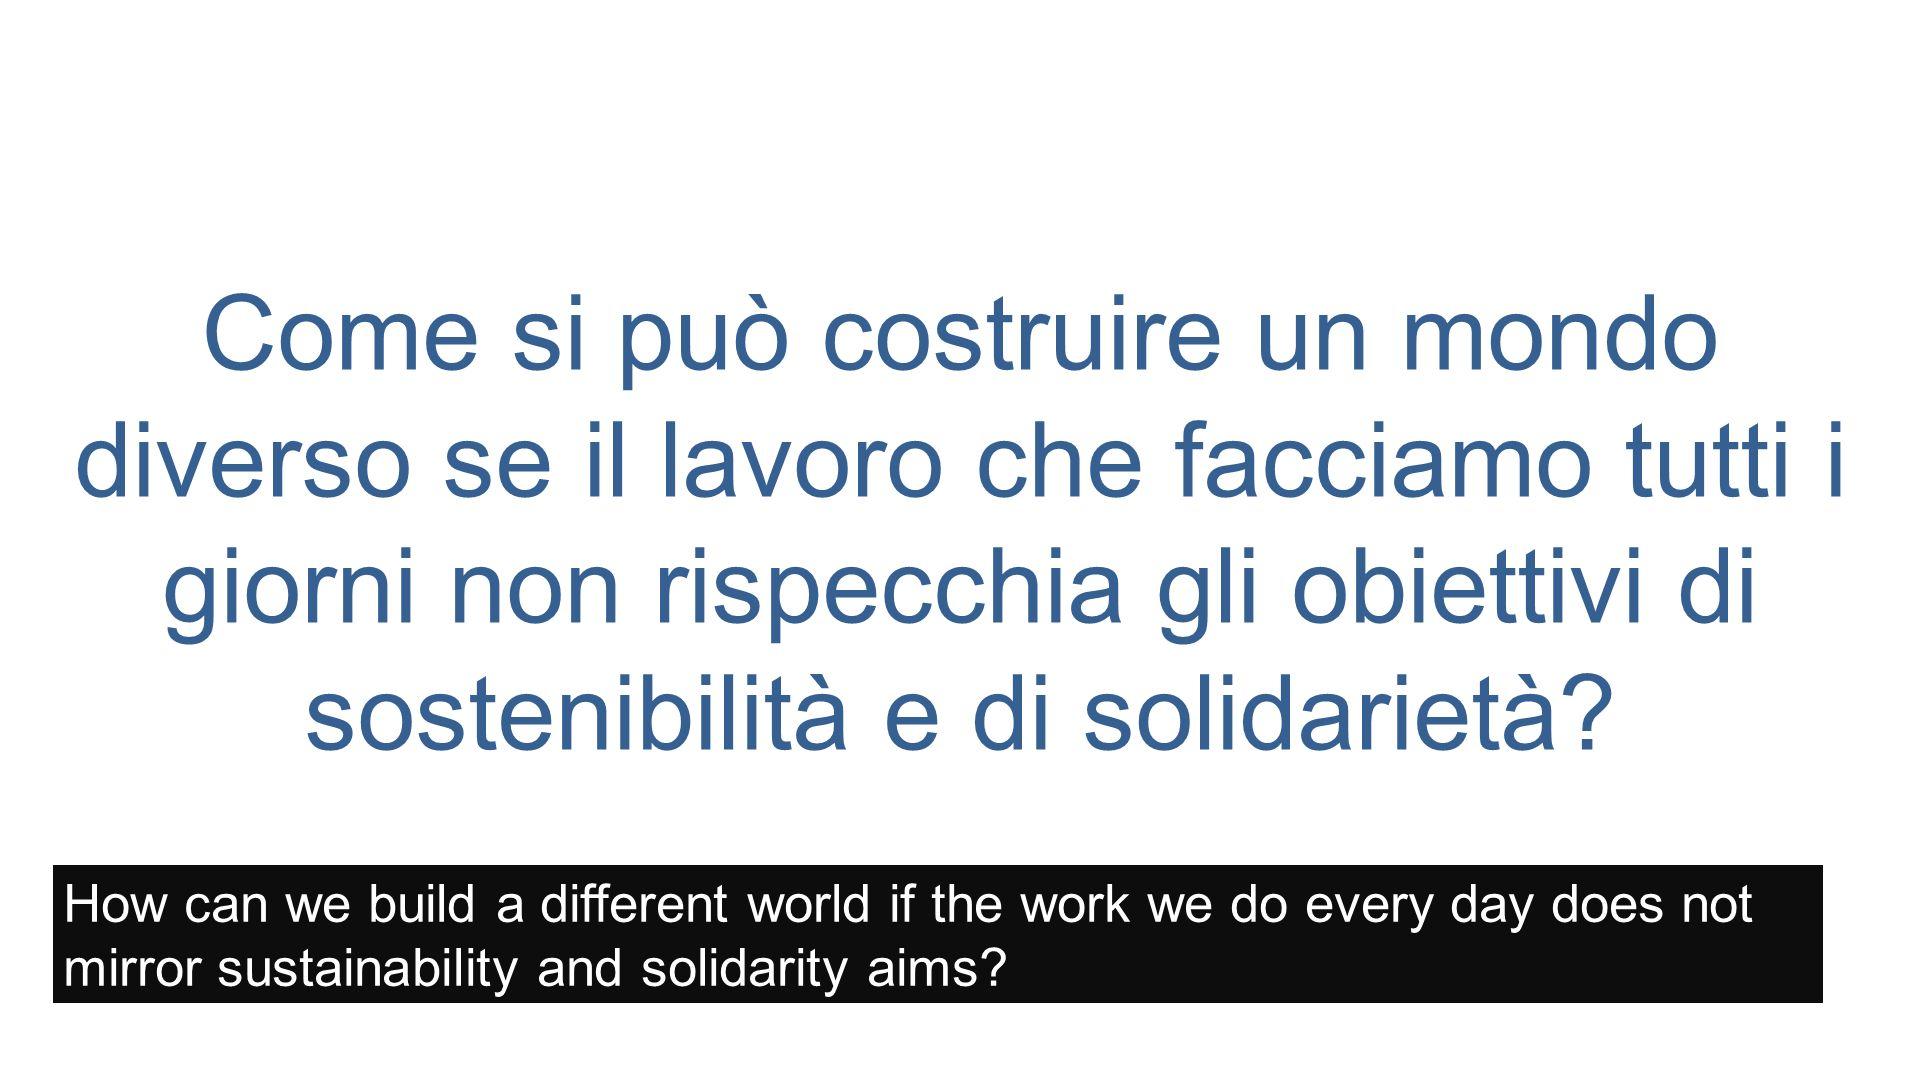 Come si può costruire un mondo diverso se il lavoro che facciamo tutti i giorni non rispecchia gli obiettivi di sostenibilità e di solidarietà.